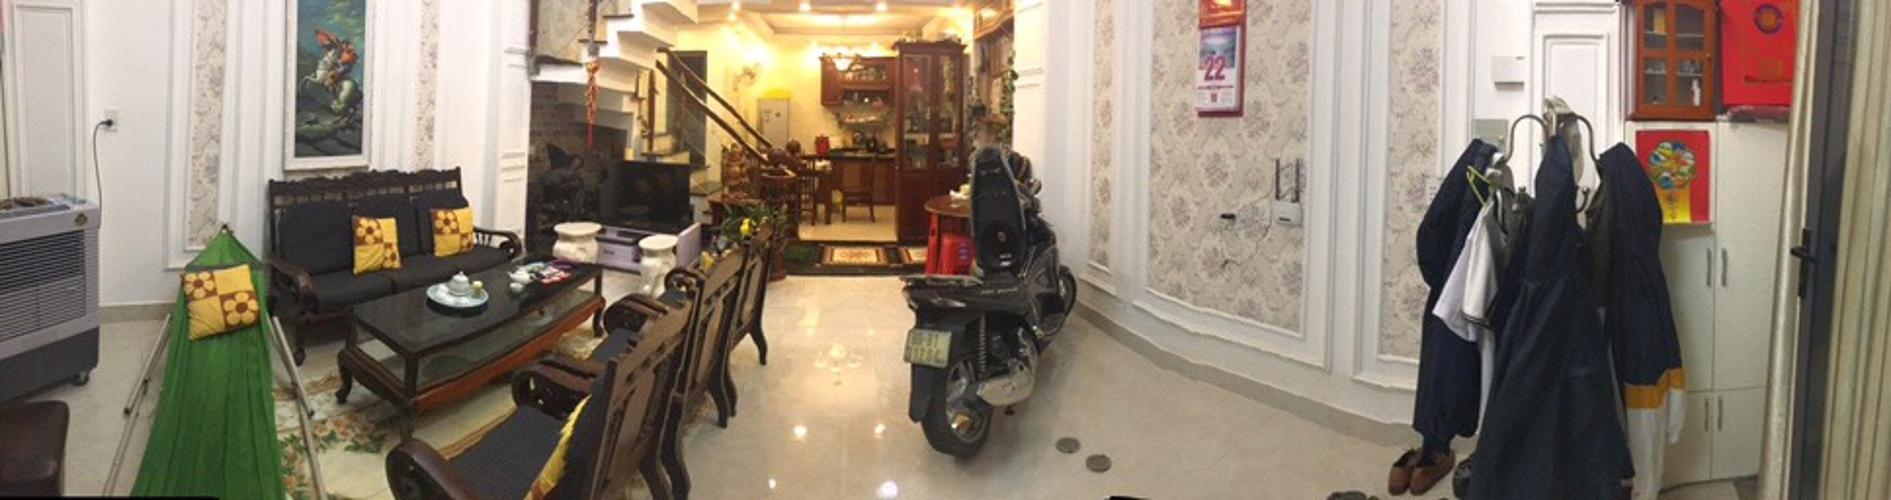 Bên trong nhà phố Nguyễn Văn Dung, Gò Vấp Nhà phố hướng Tây Nam, hẻm 2 xe hơi tránh nhau, sổ hồng riêng.